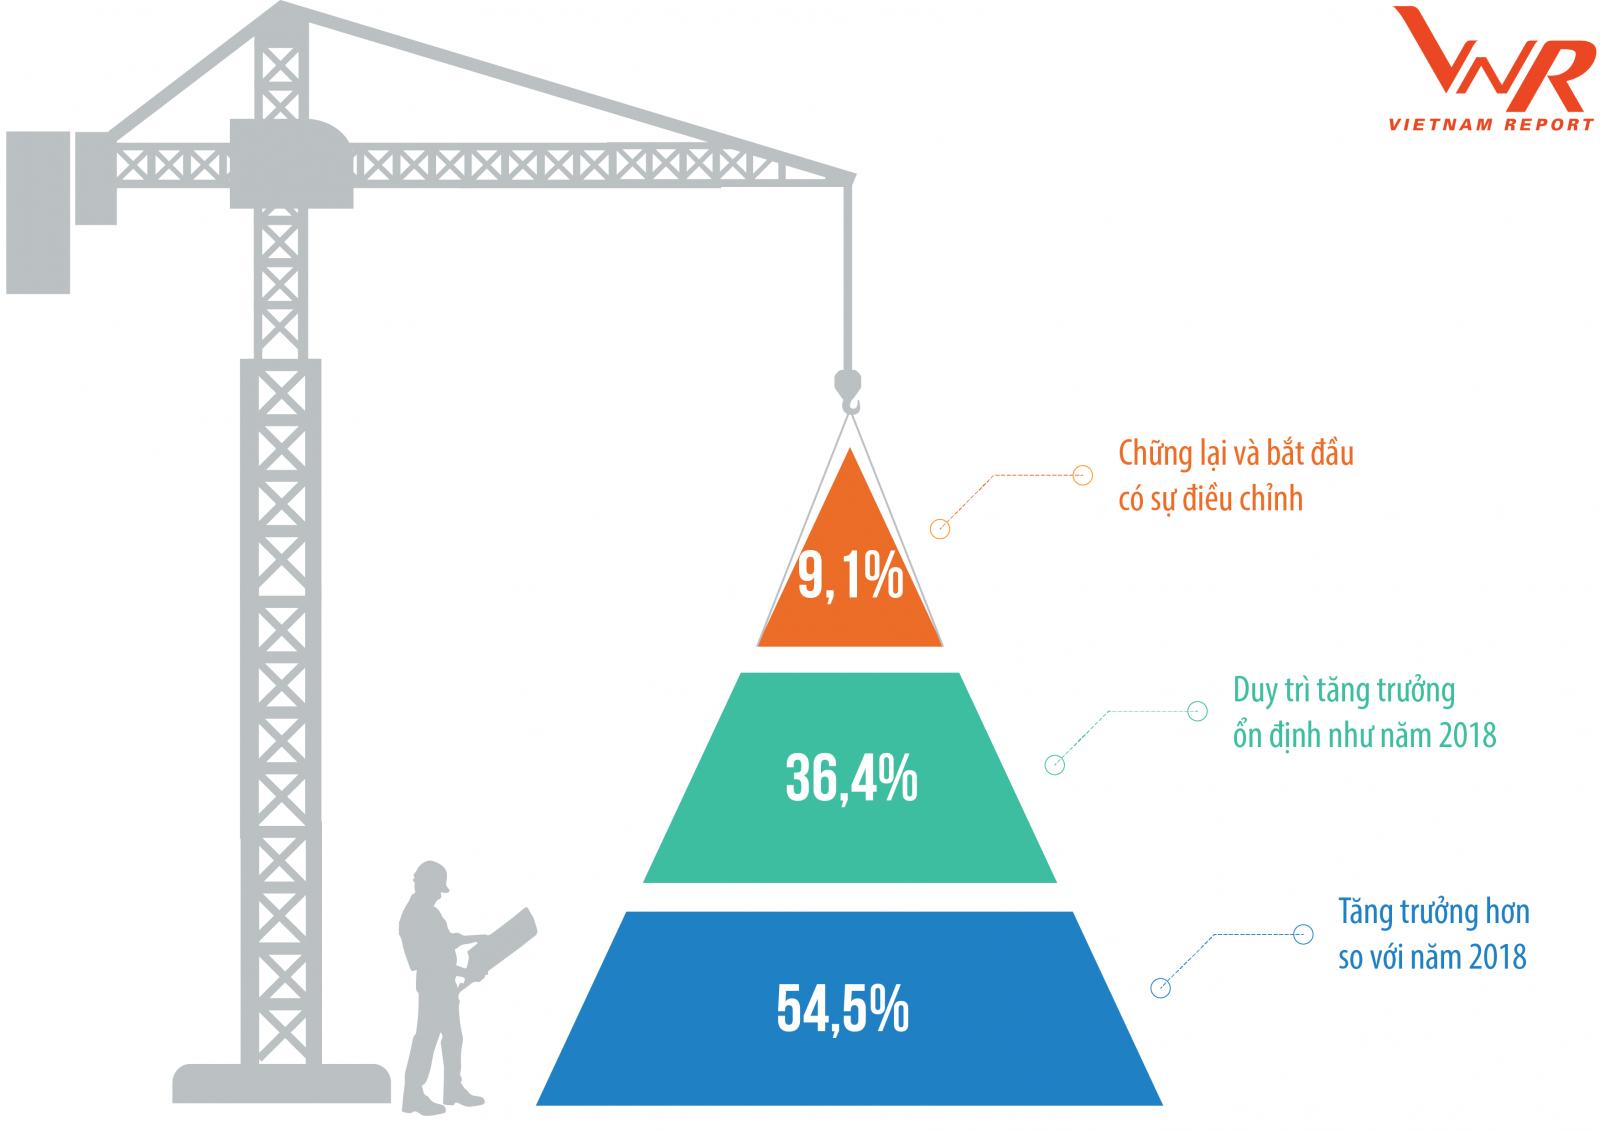 Xây dựng công nghiệp là điểm sáng trong năm 2019